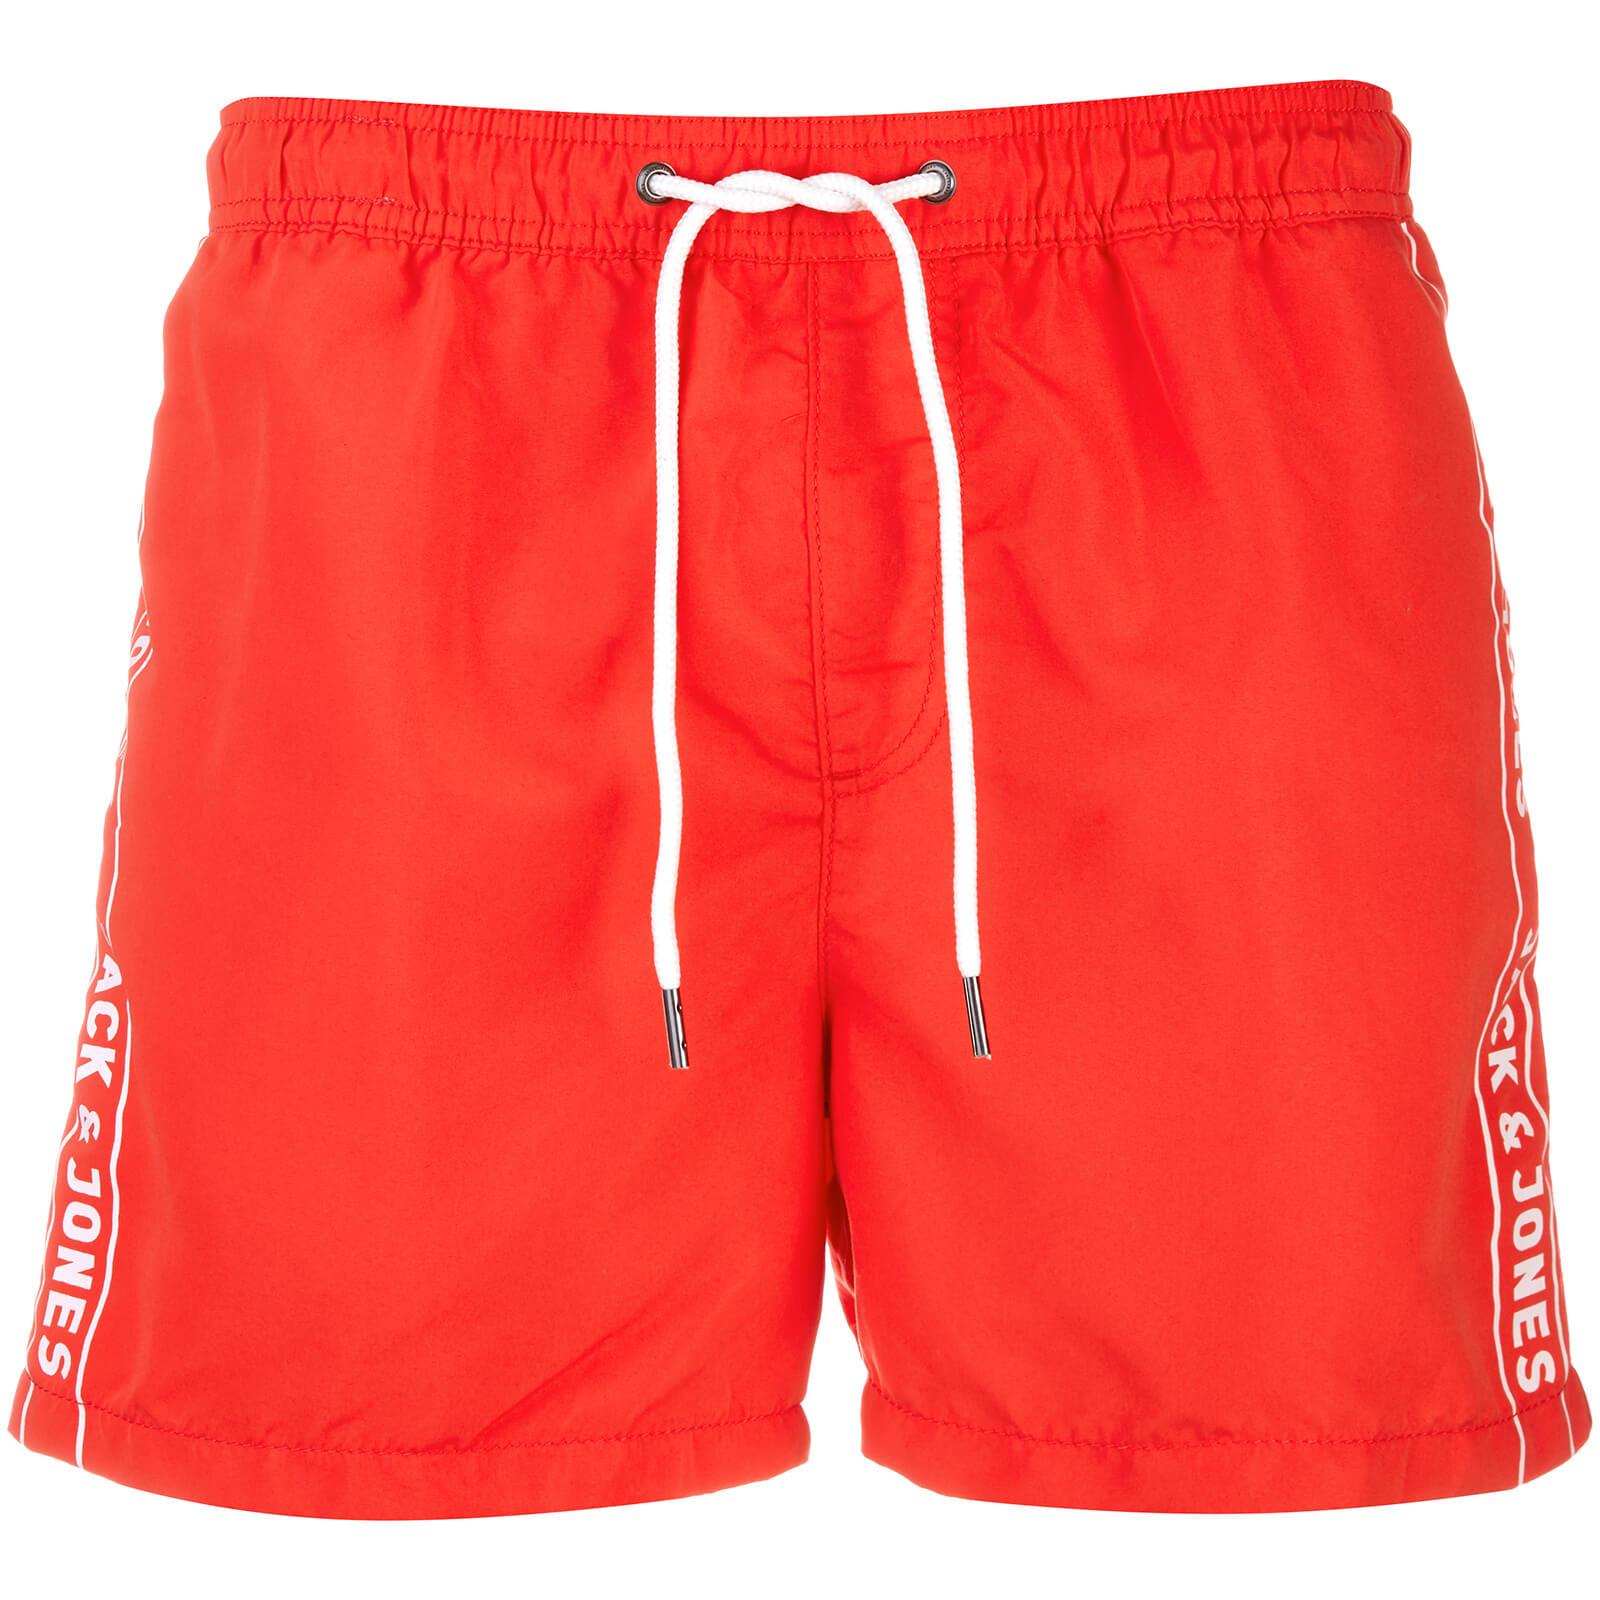 Zavvi Men's Shirts, Shorts, Badehosen & Buchsen Sale, zB Jack & Jones Swim Shorts